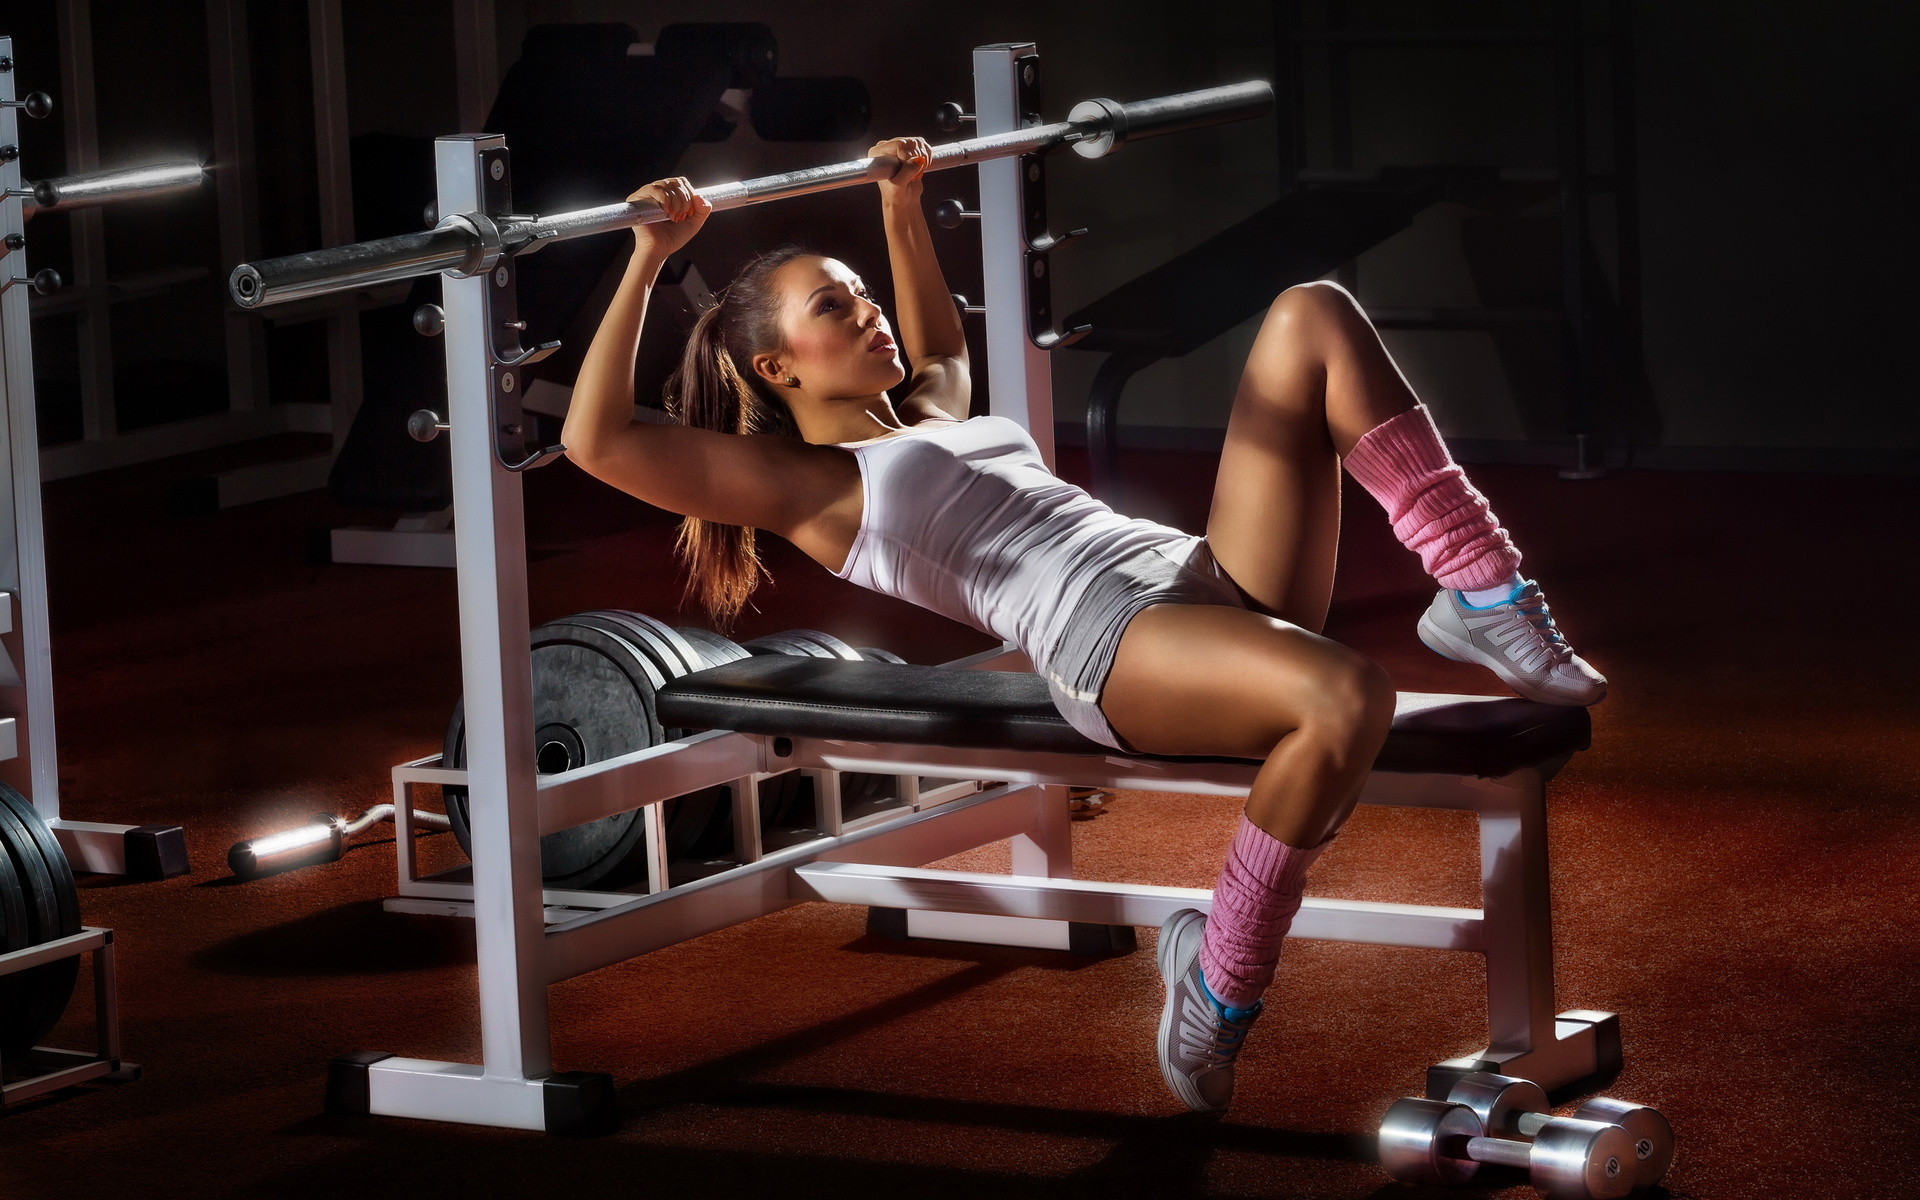 Девушка спортсменка разминка  № 3304992 без смс